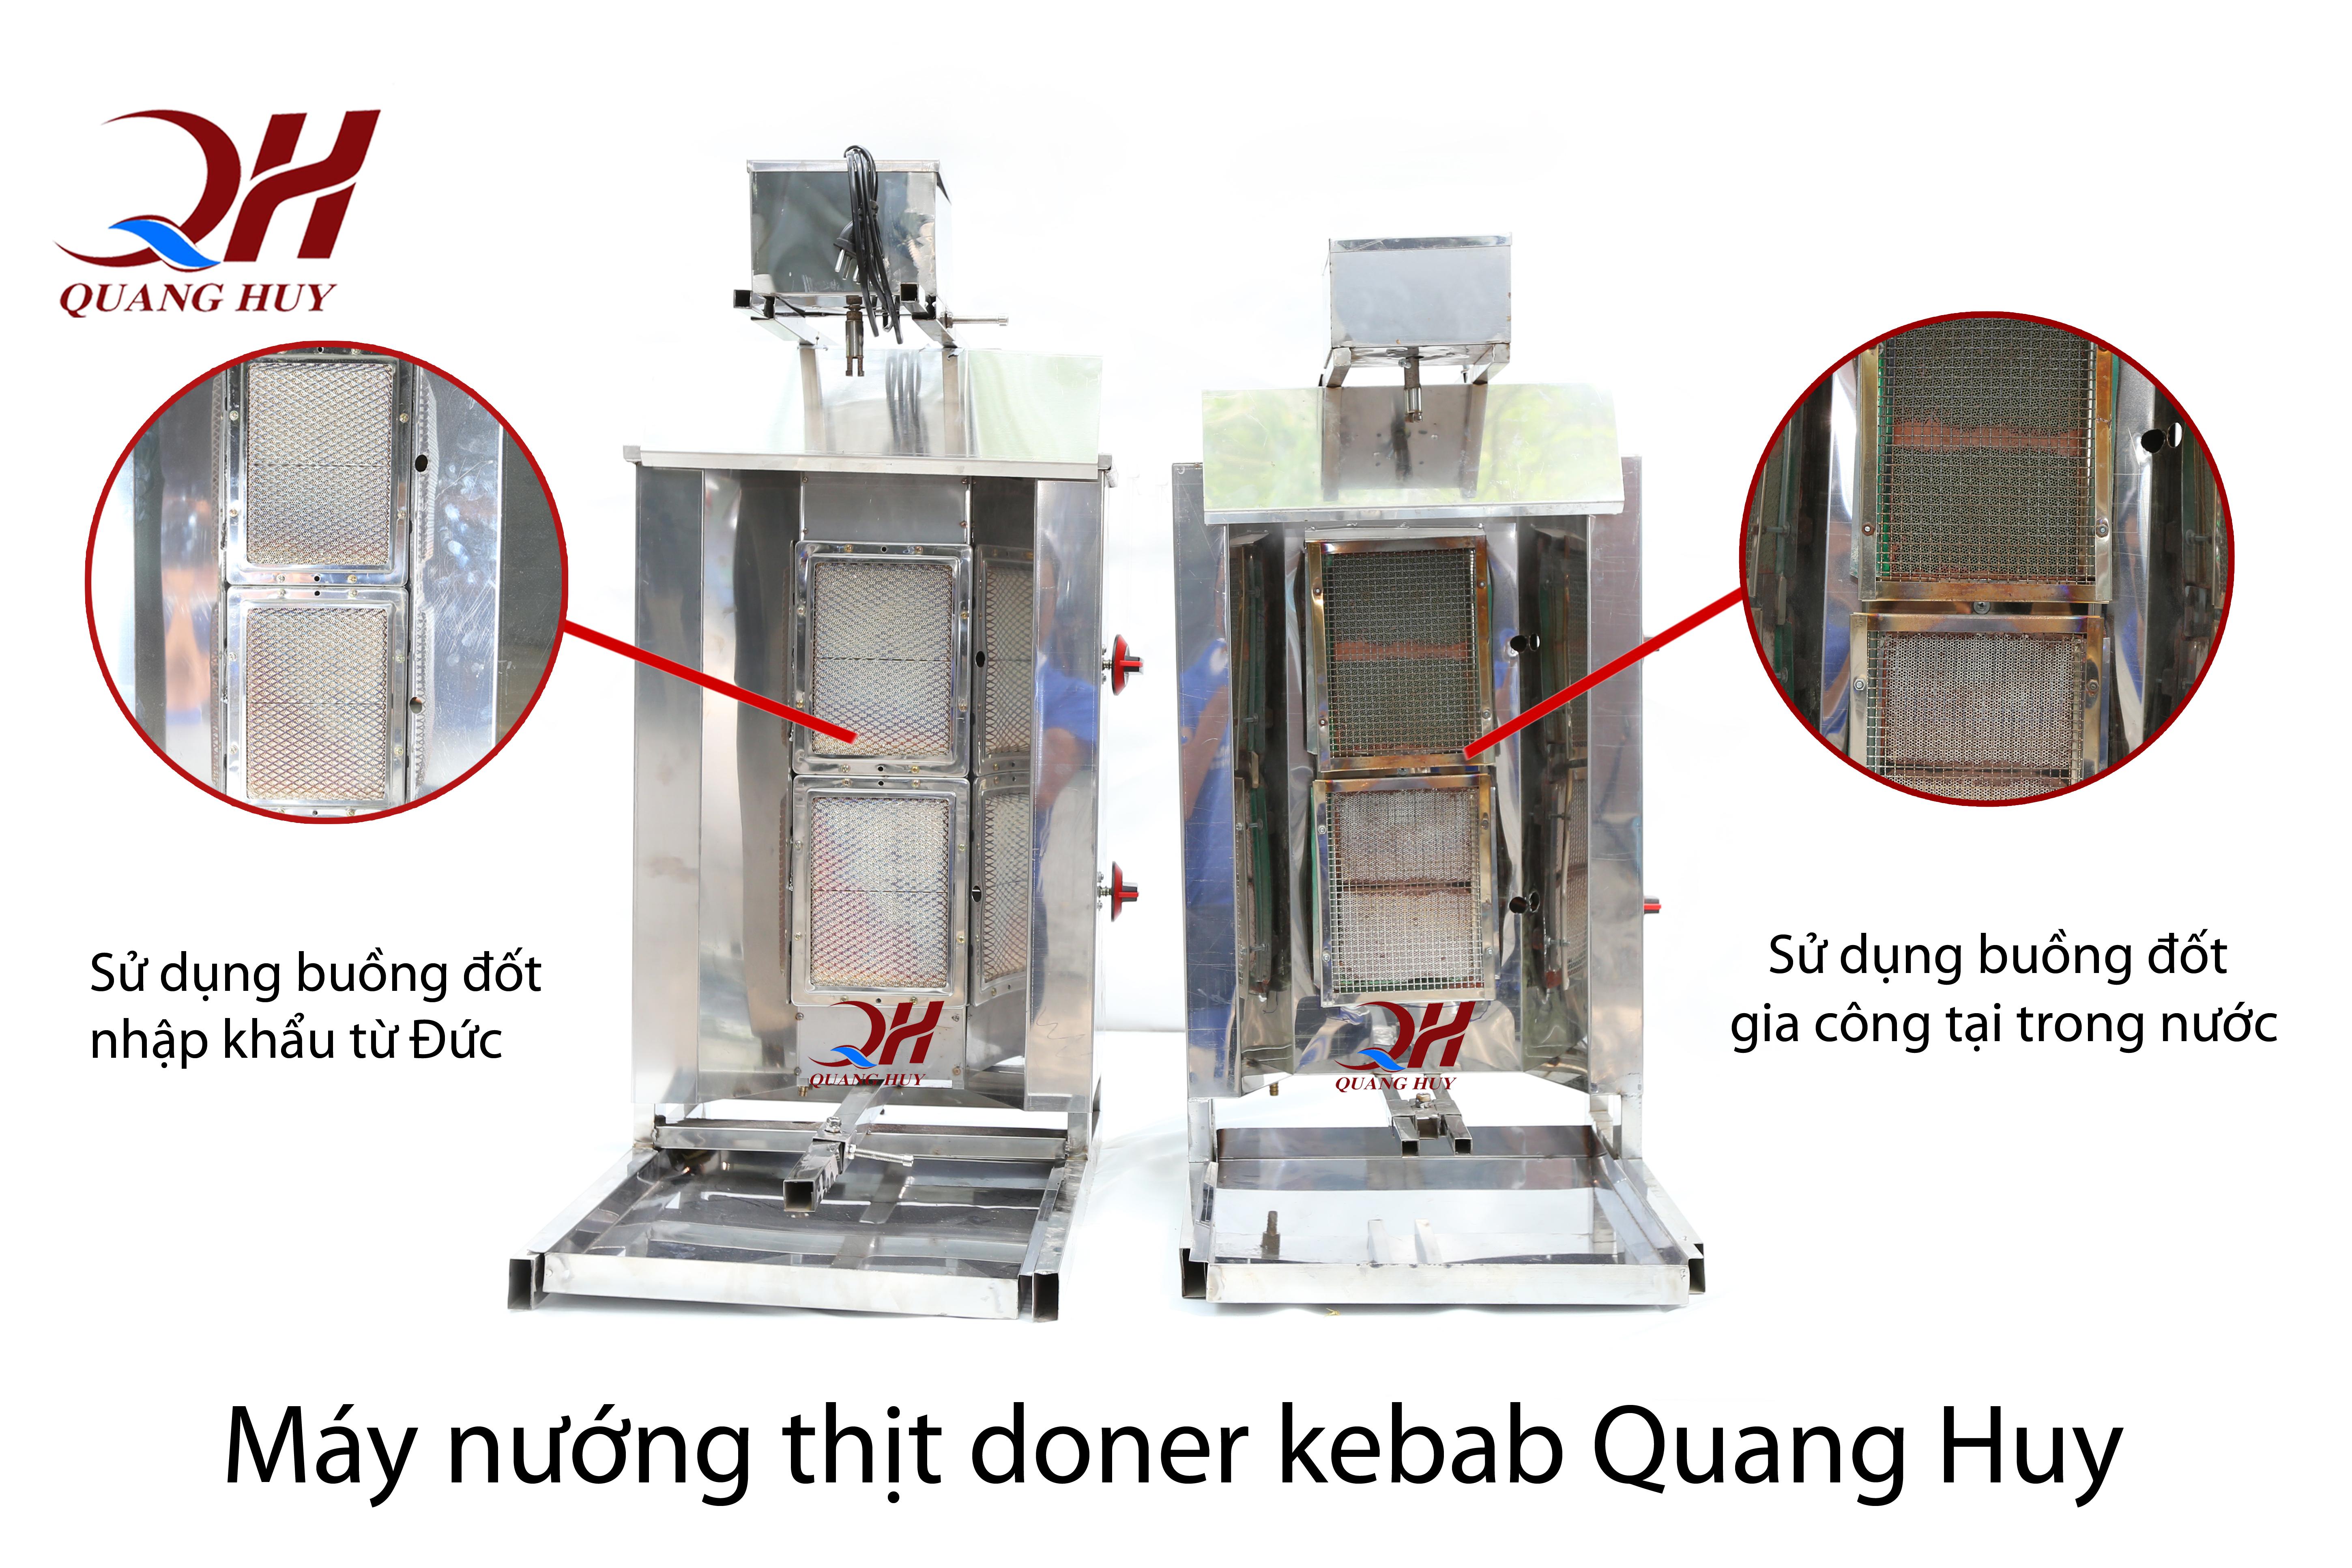 Lò nướng thịt doner kebab Quang Huy sử dụng loại gốm tốt hơn những sản phẩm khác